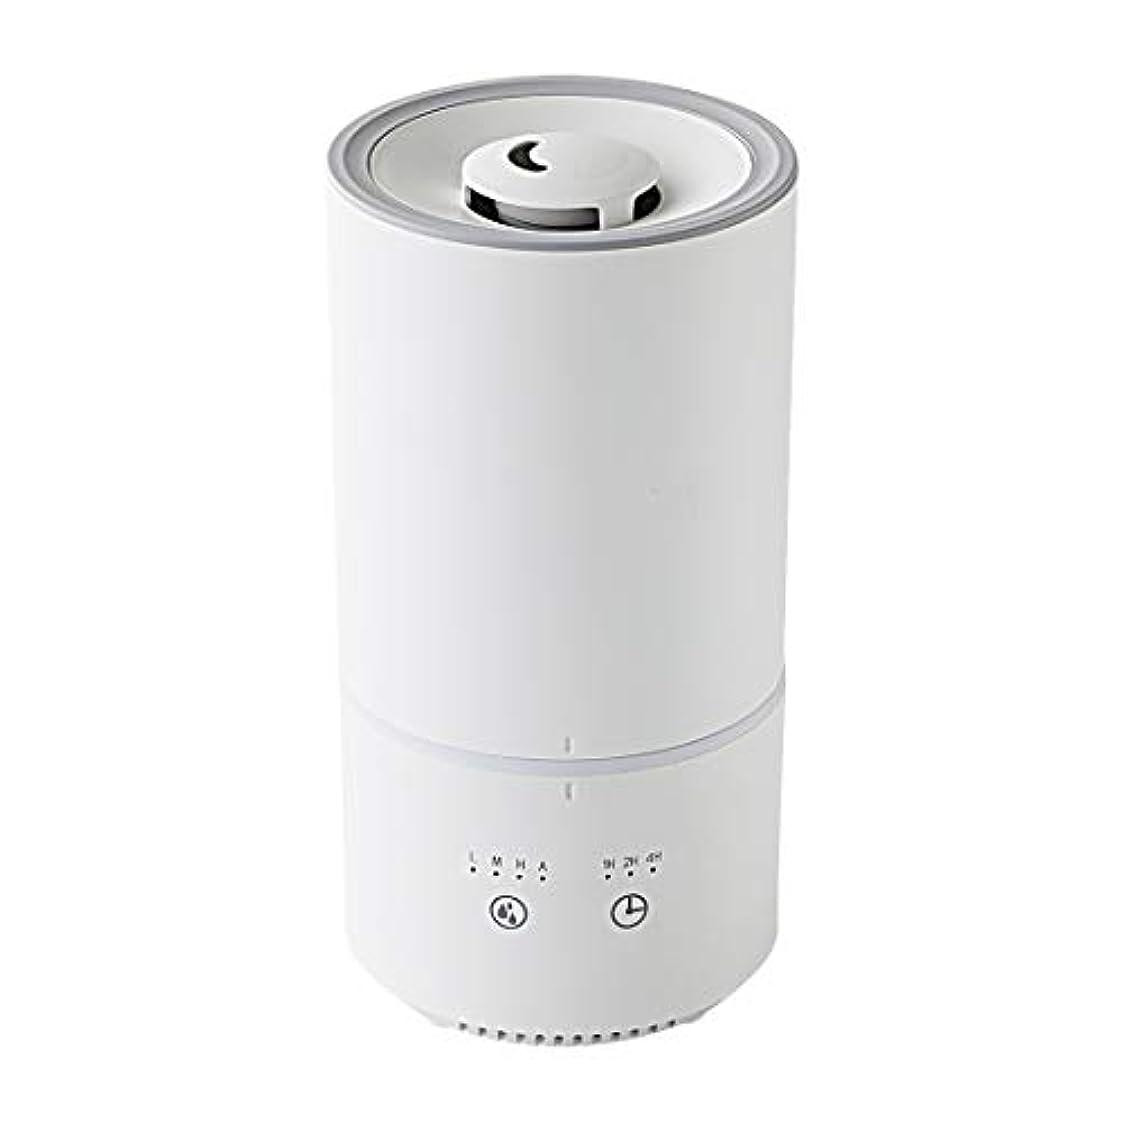 ラフマント強調するキシマ(Kishima) 卓上 加湿器 上から給水 1L 200ml/h アロマ対応 超音波 LEDライト ミスト調整 スリムタイプ ホワイト